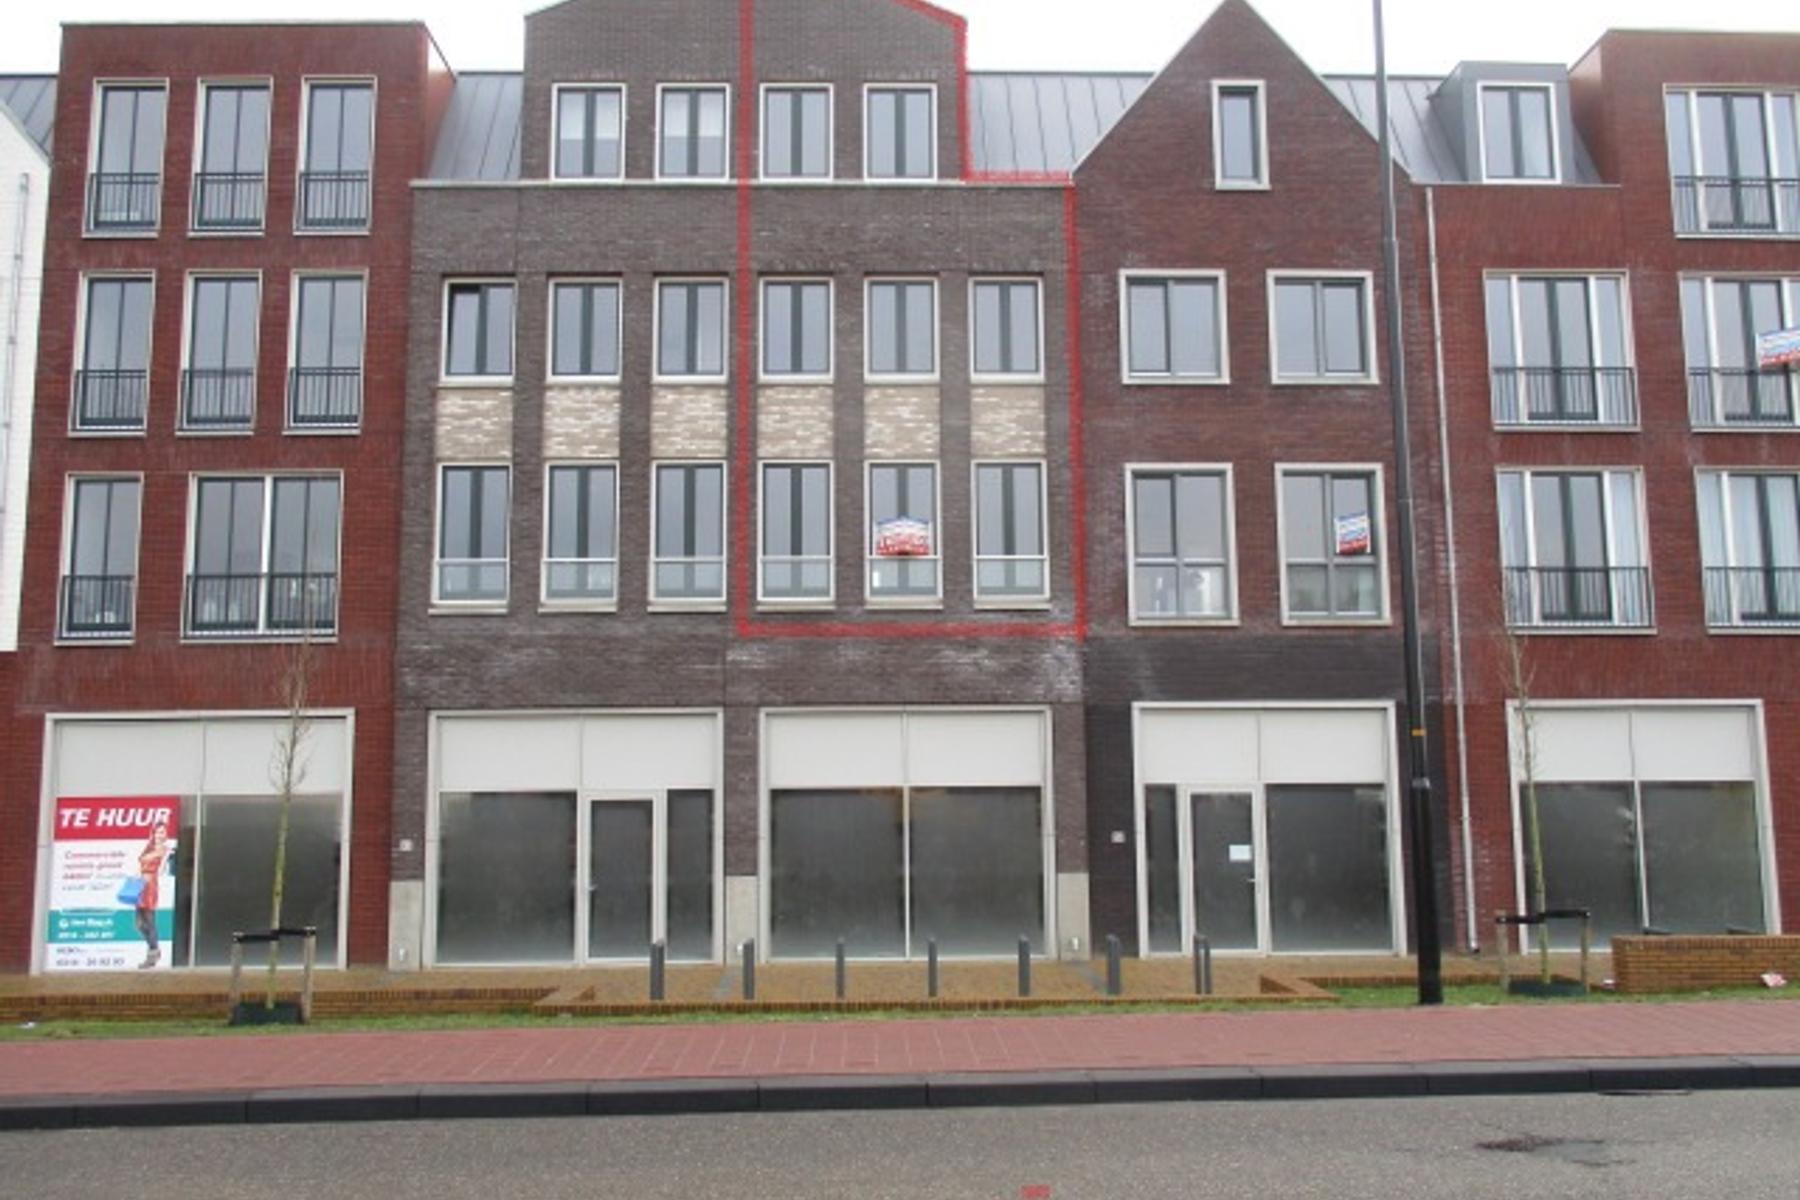 C Missetstraat 57 * in Doetinchem 7005 AA: Woonhuis. - Beekman ...